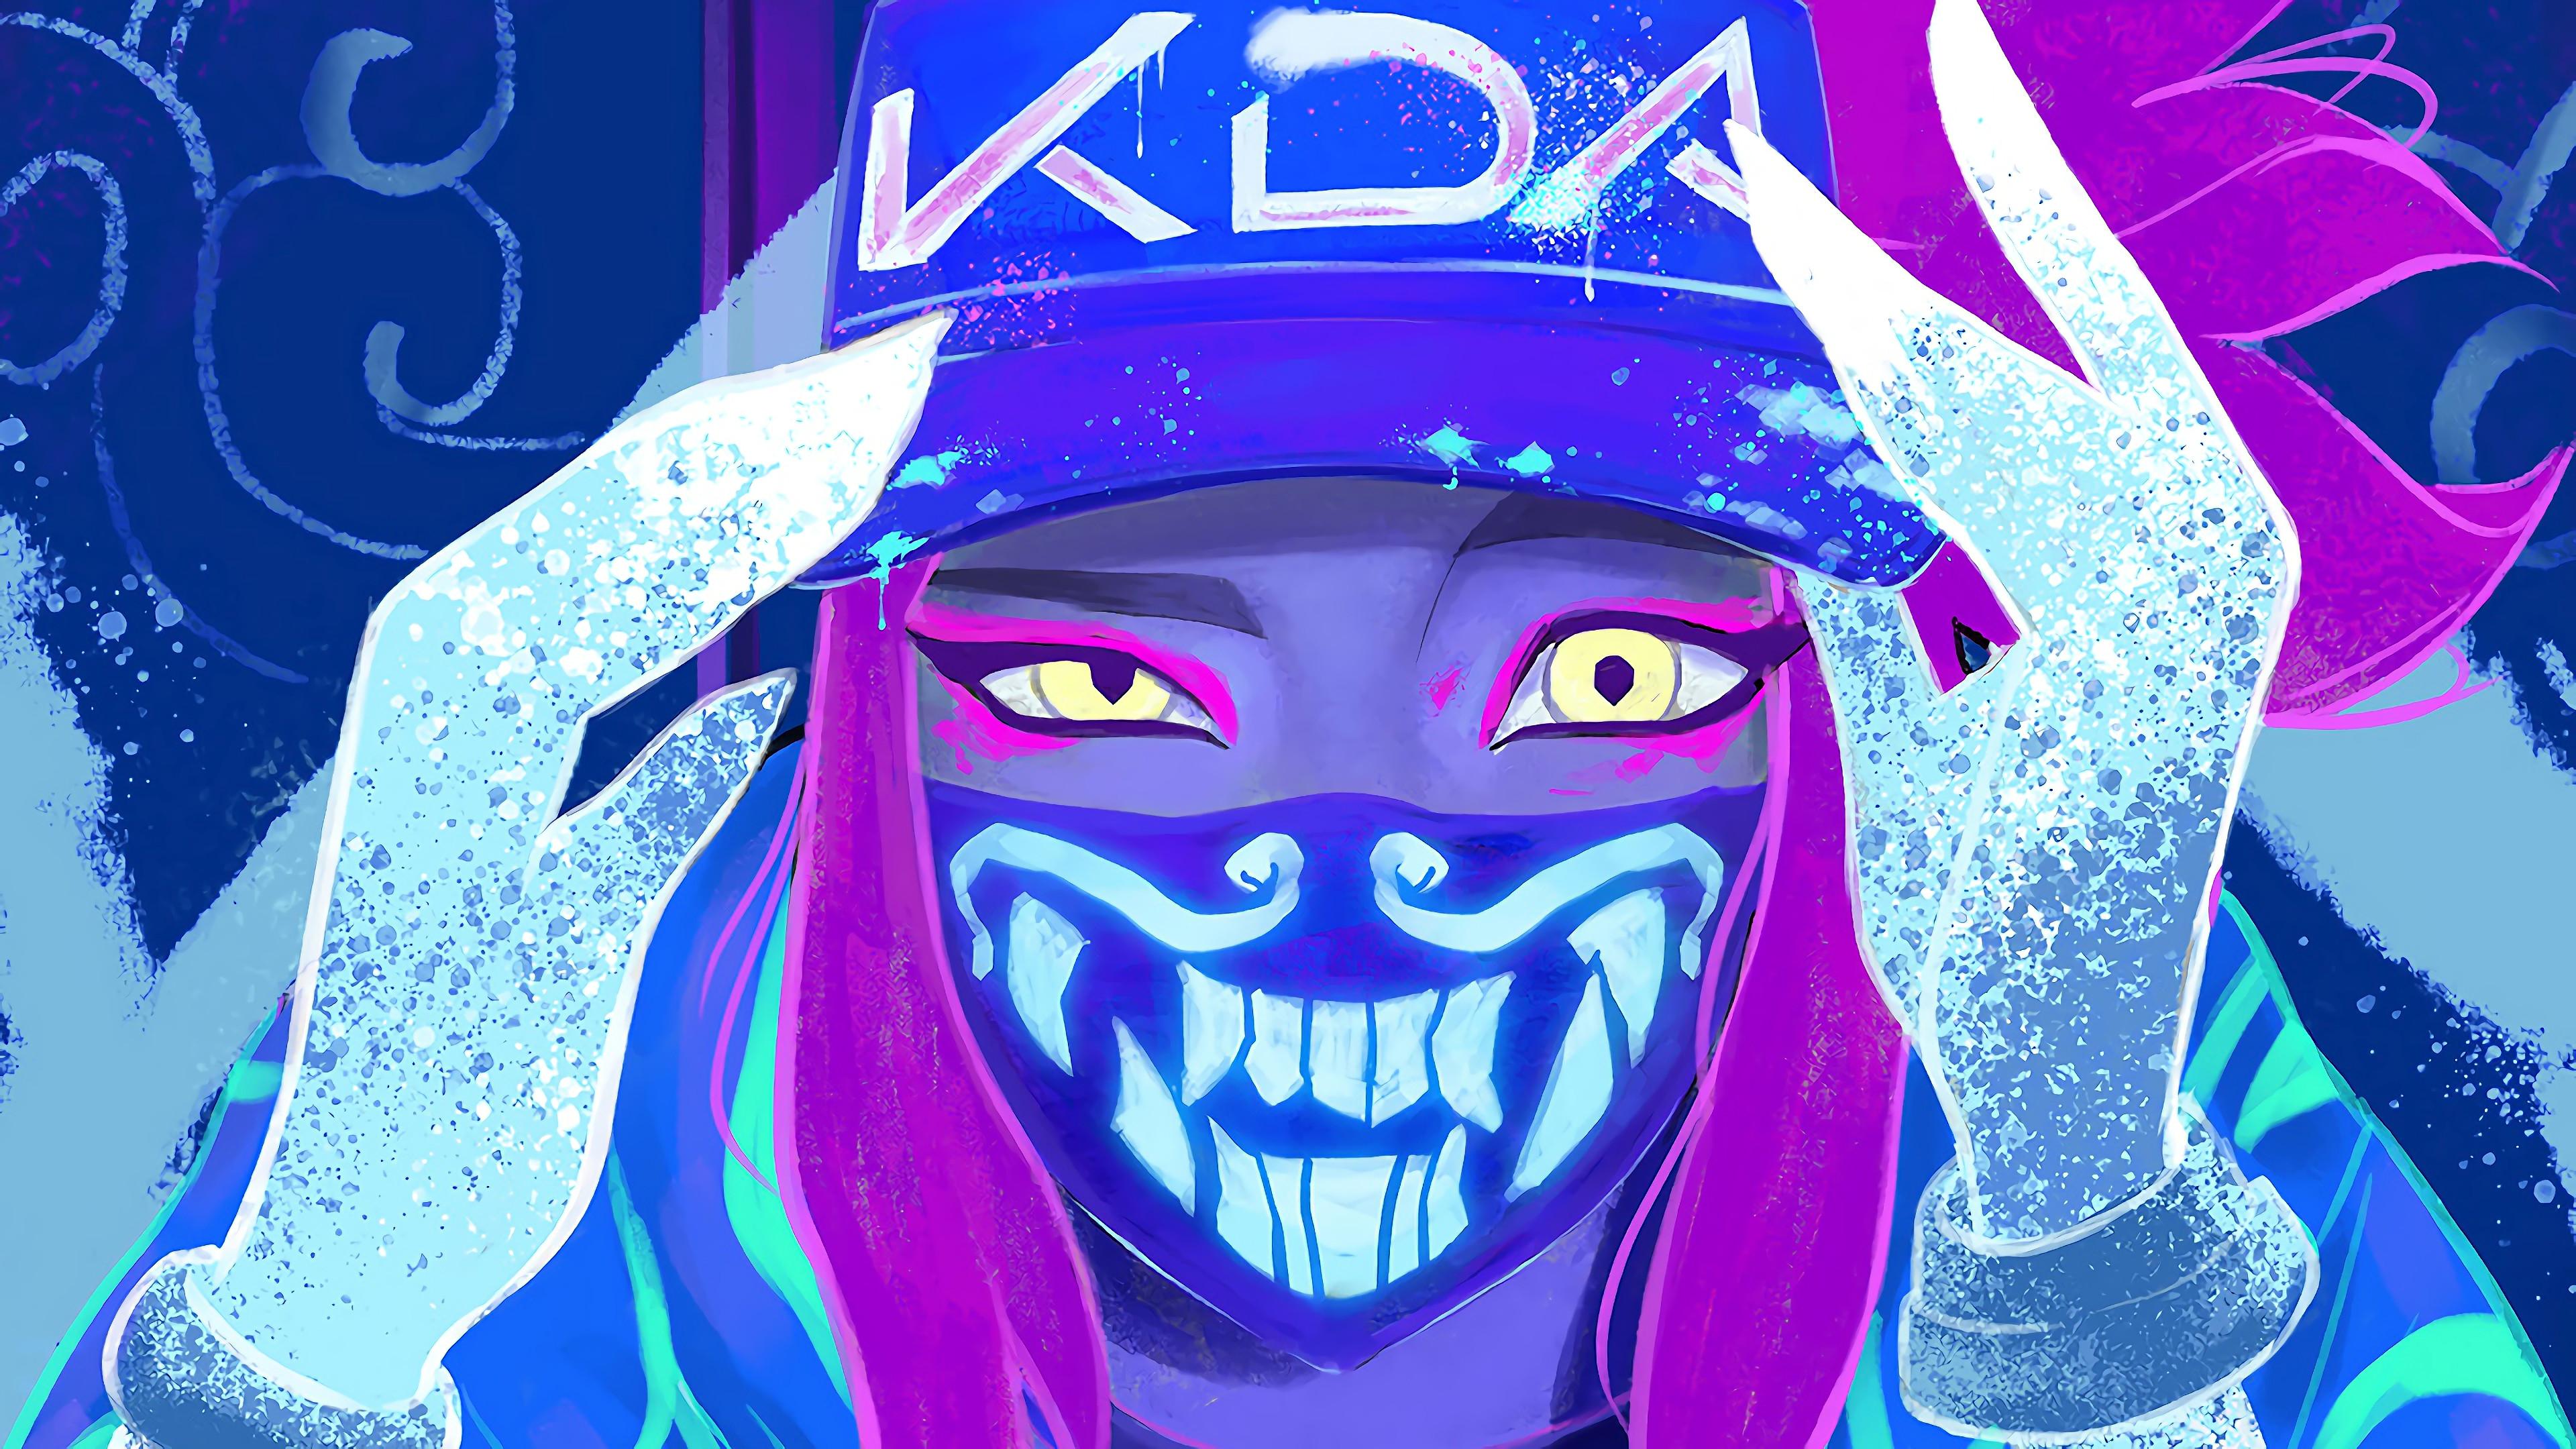 Wallpaper 4k K Da Akali Mask Neon Lol League Of Legends Lol Akali